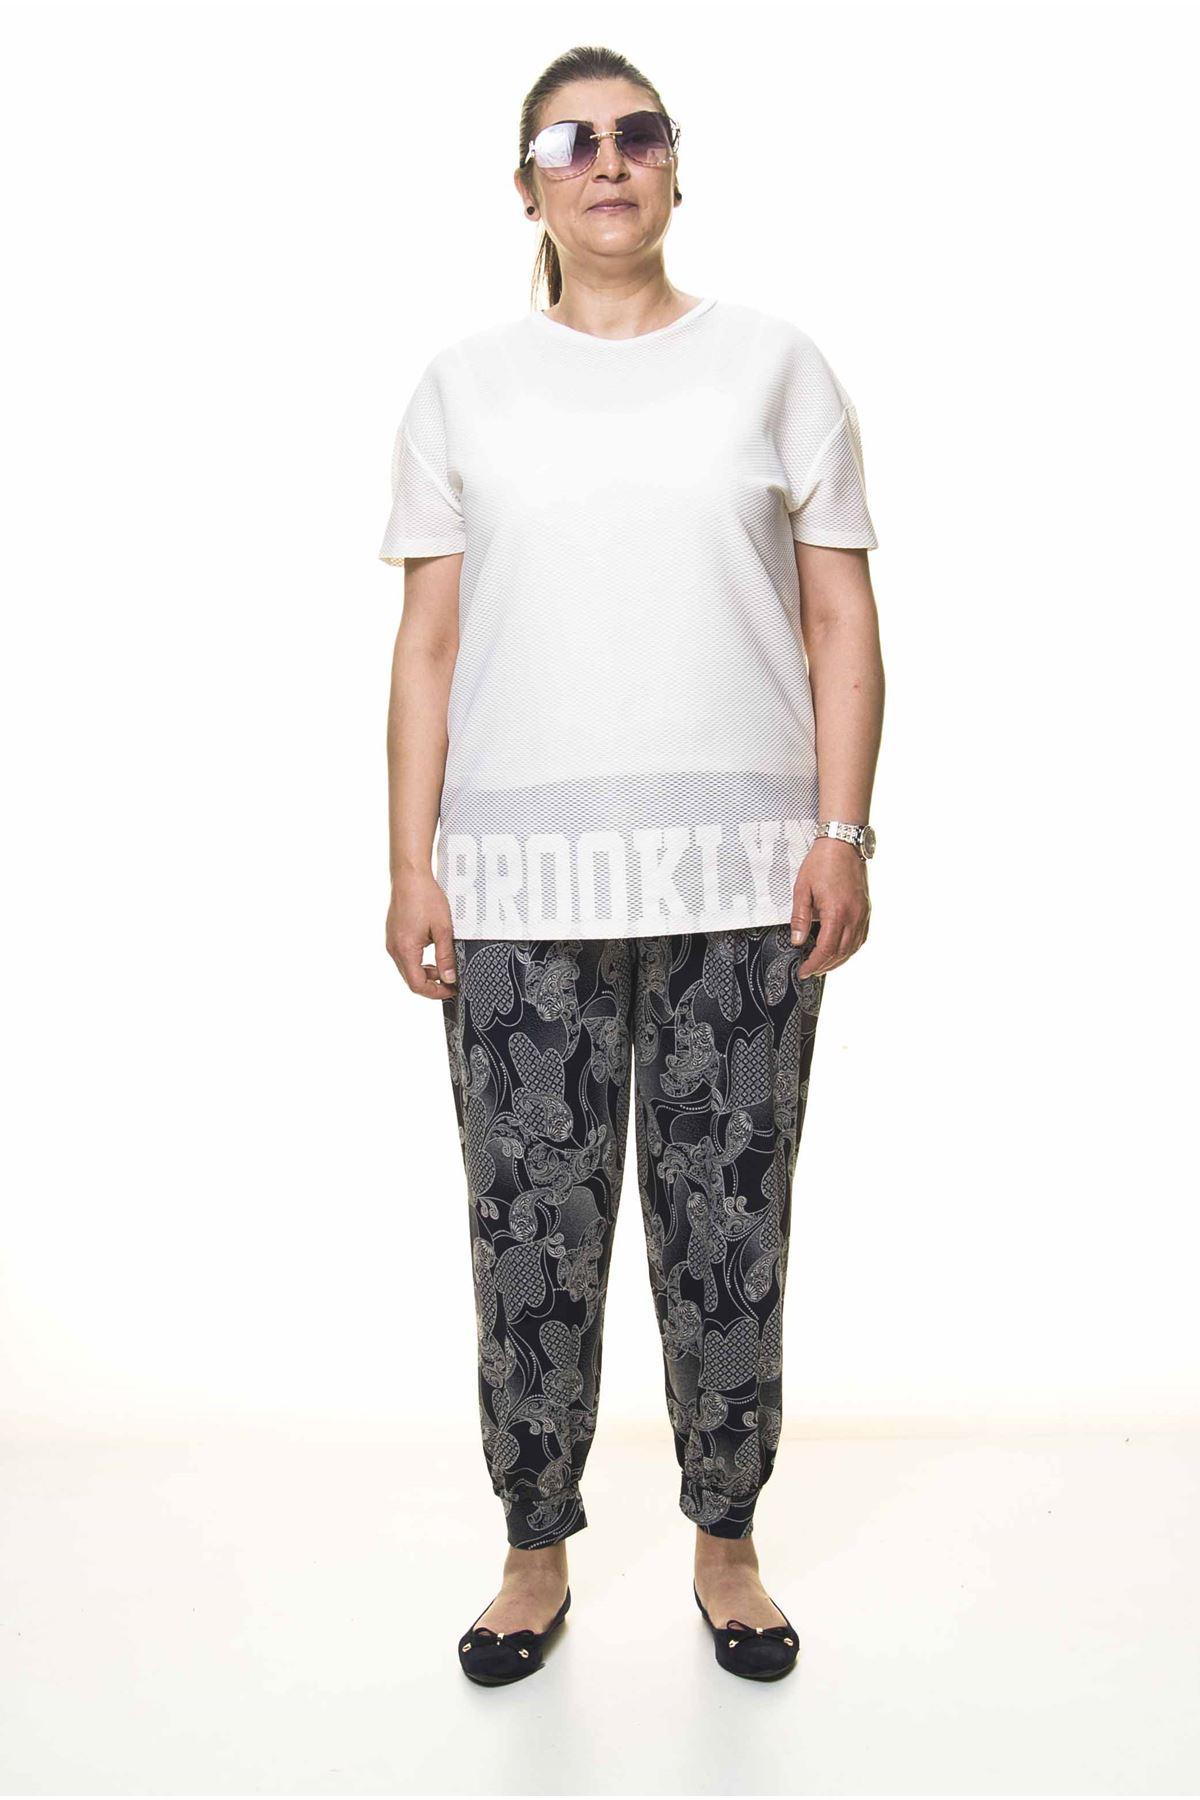 Kadın Büyük Beden Desenli Yazlık Şalvar Pantolon 13D-3092